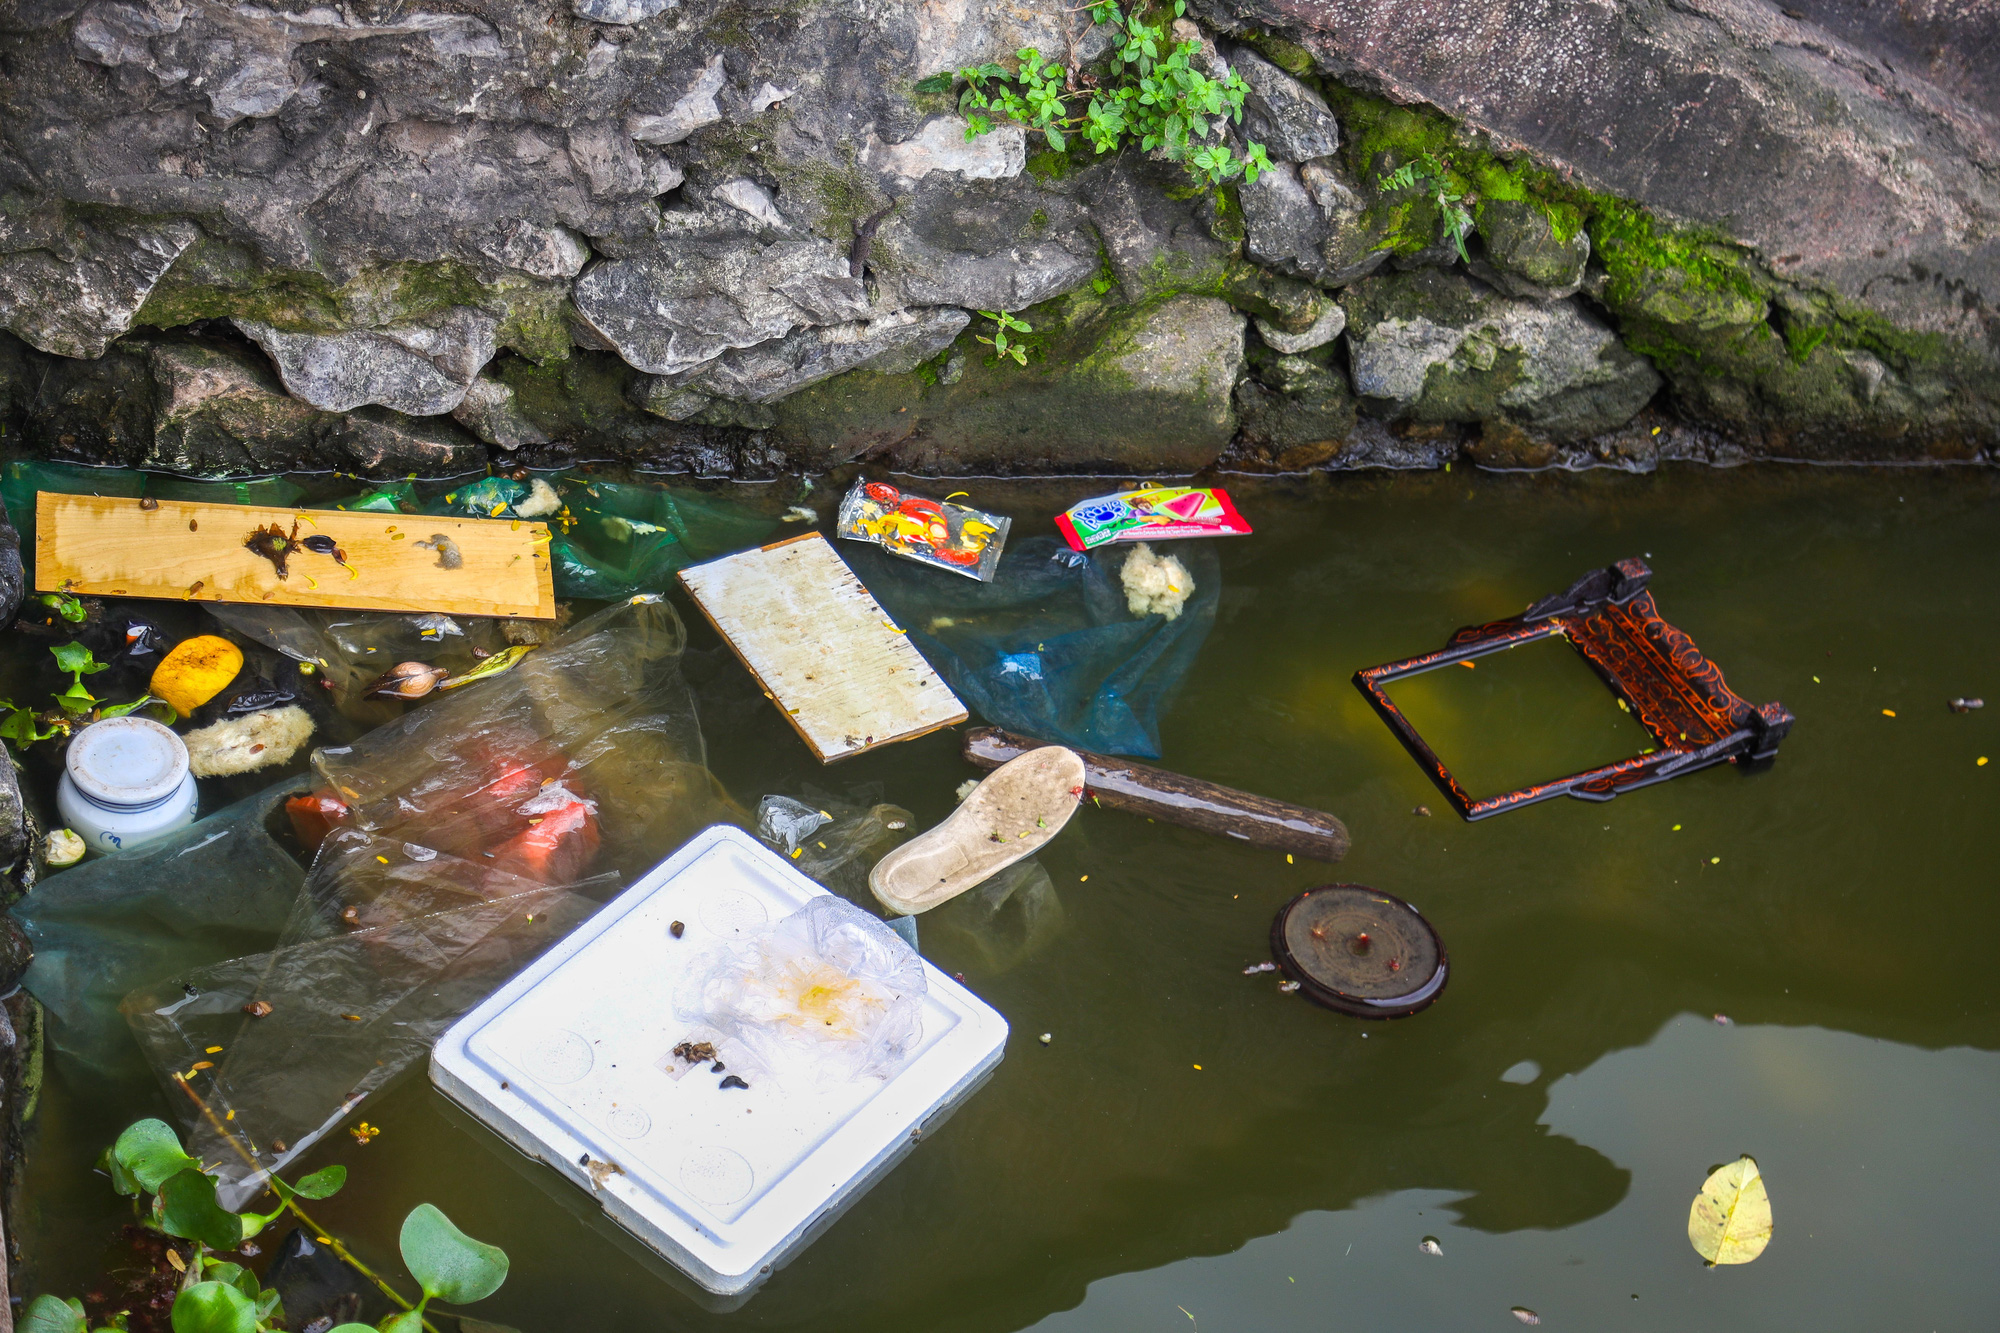 Nước hồ Tây ô nhiễm, Hà Nội yêu cầu Công ty Phú Điền nghiên cứu cải thiện môi trường - Ảnh 2.